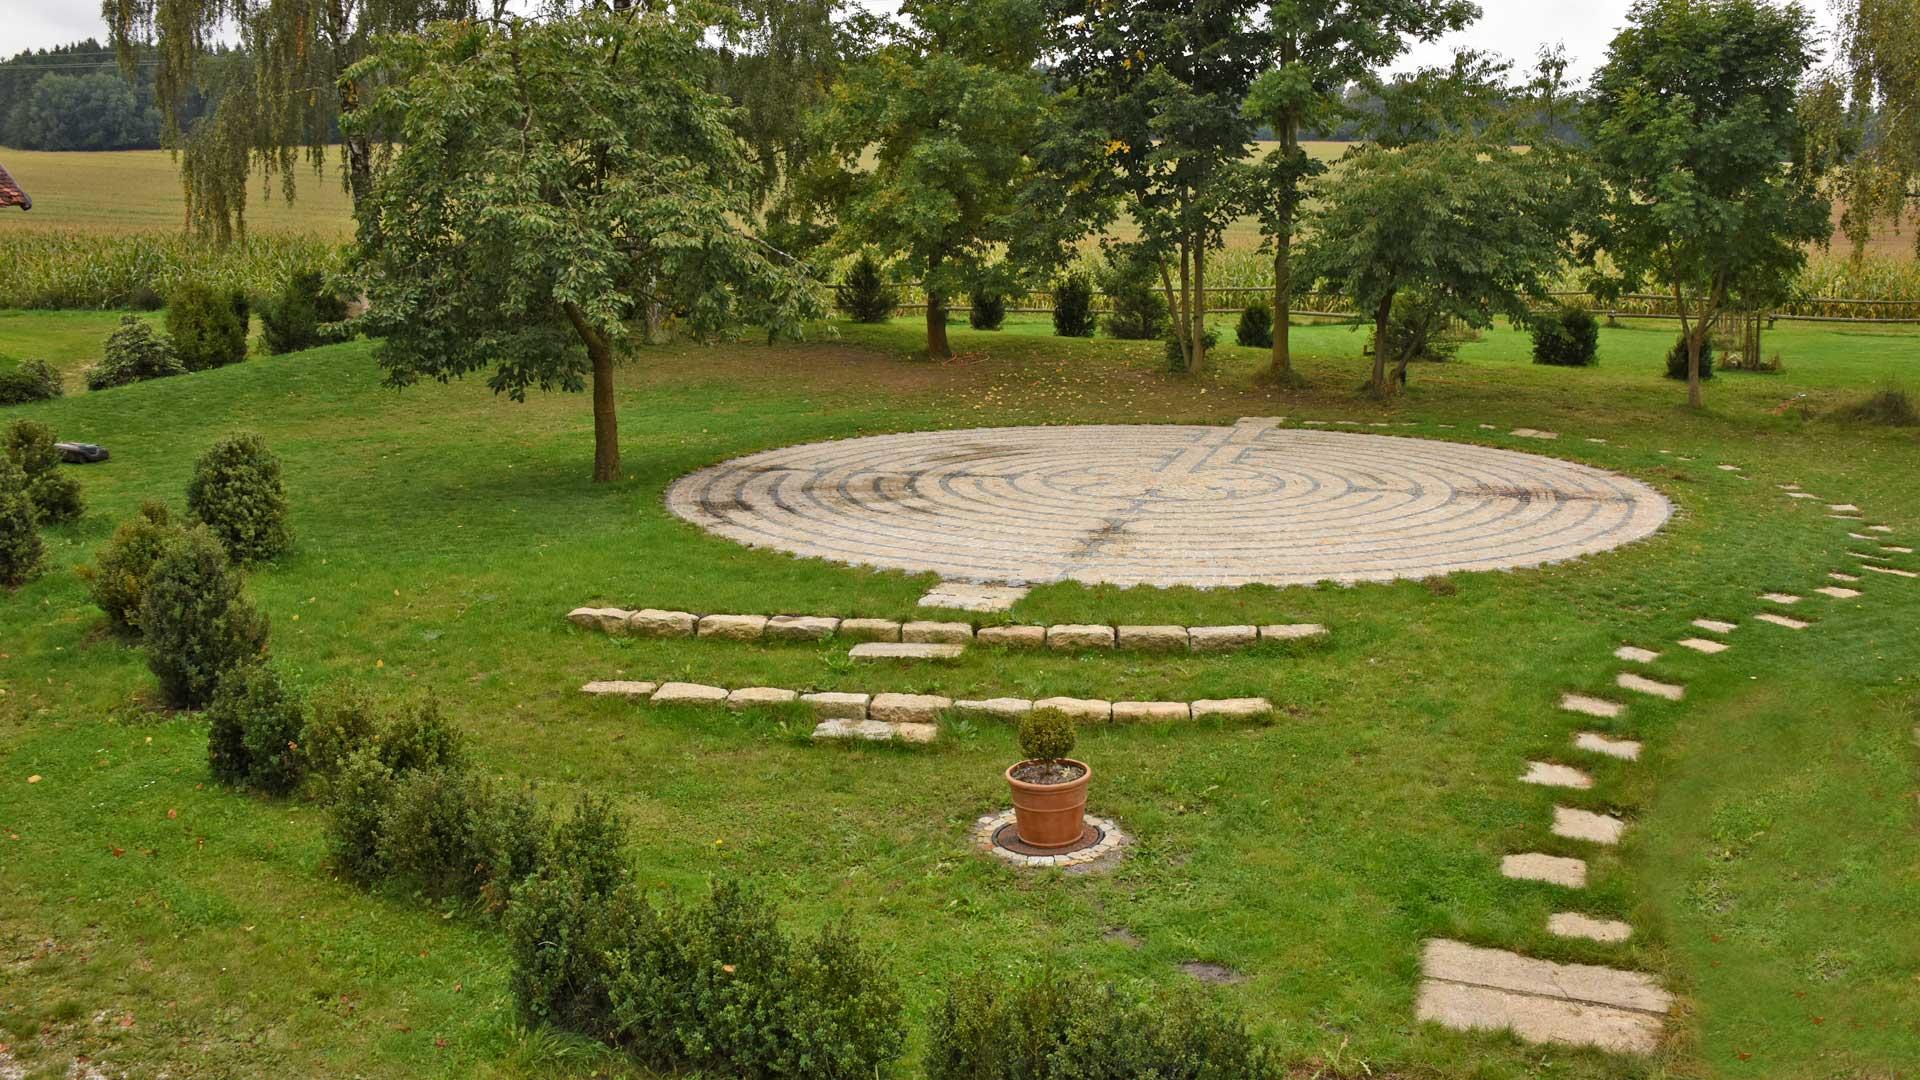 Labyrinth aus Steinen in einer Gartenanlage nach dem Vorbild der Kathedrale von Chartre geplant und realisiert durch das Architekturbüro atelier8 Barbara Jurk in Frankfurt